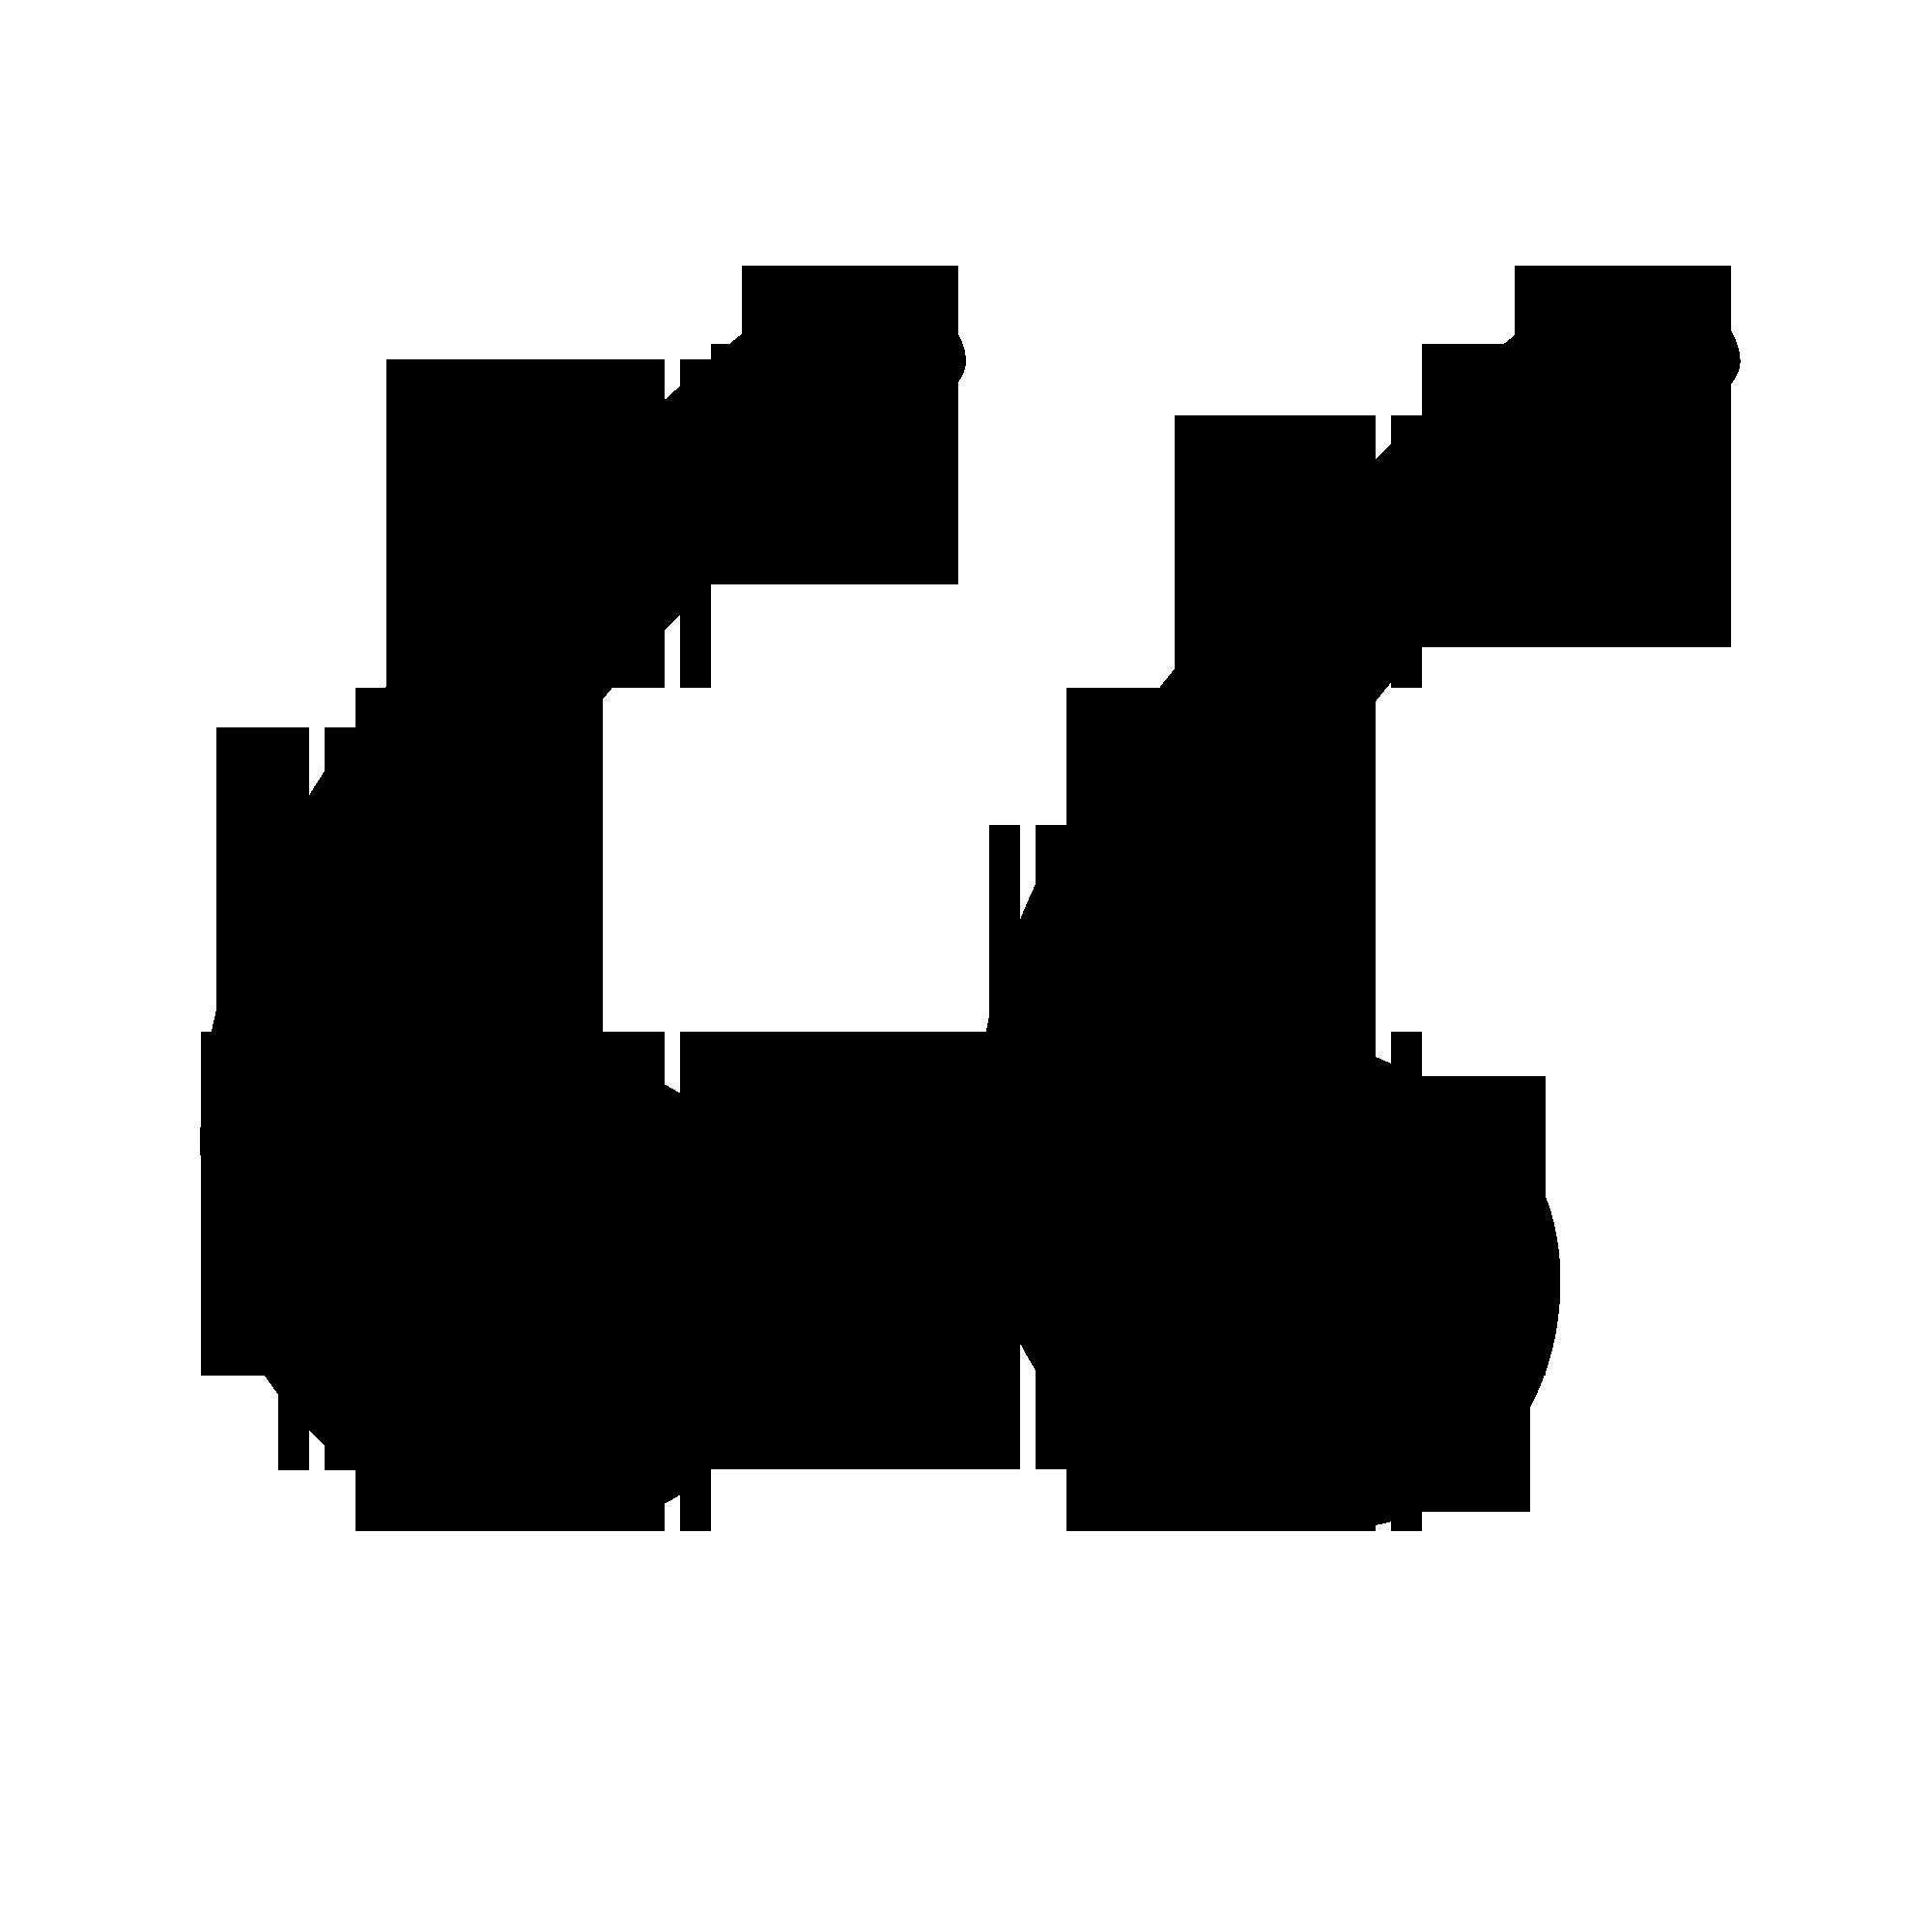 千库网_左引号马克图标_元素编号11976725.png